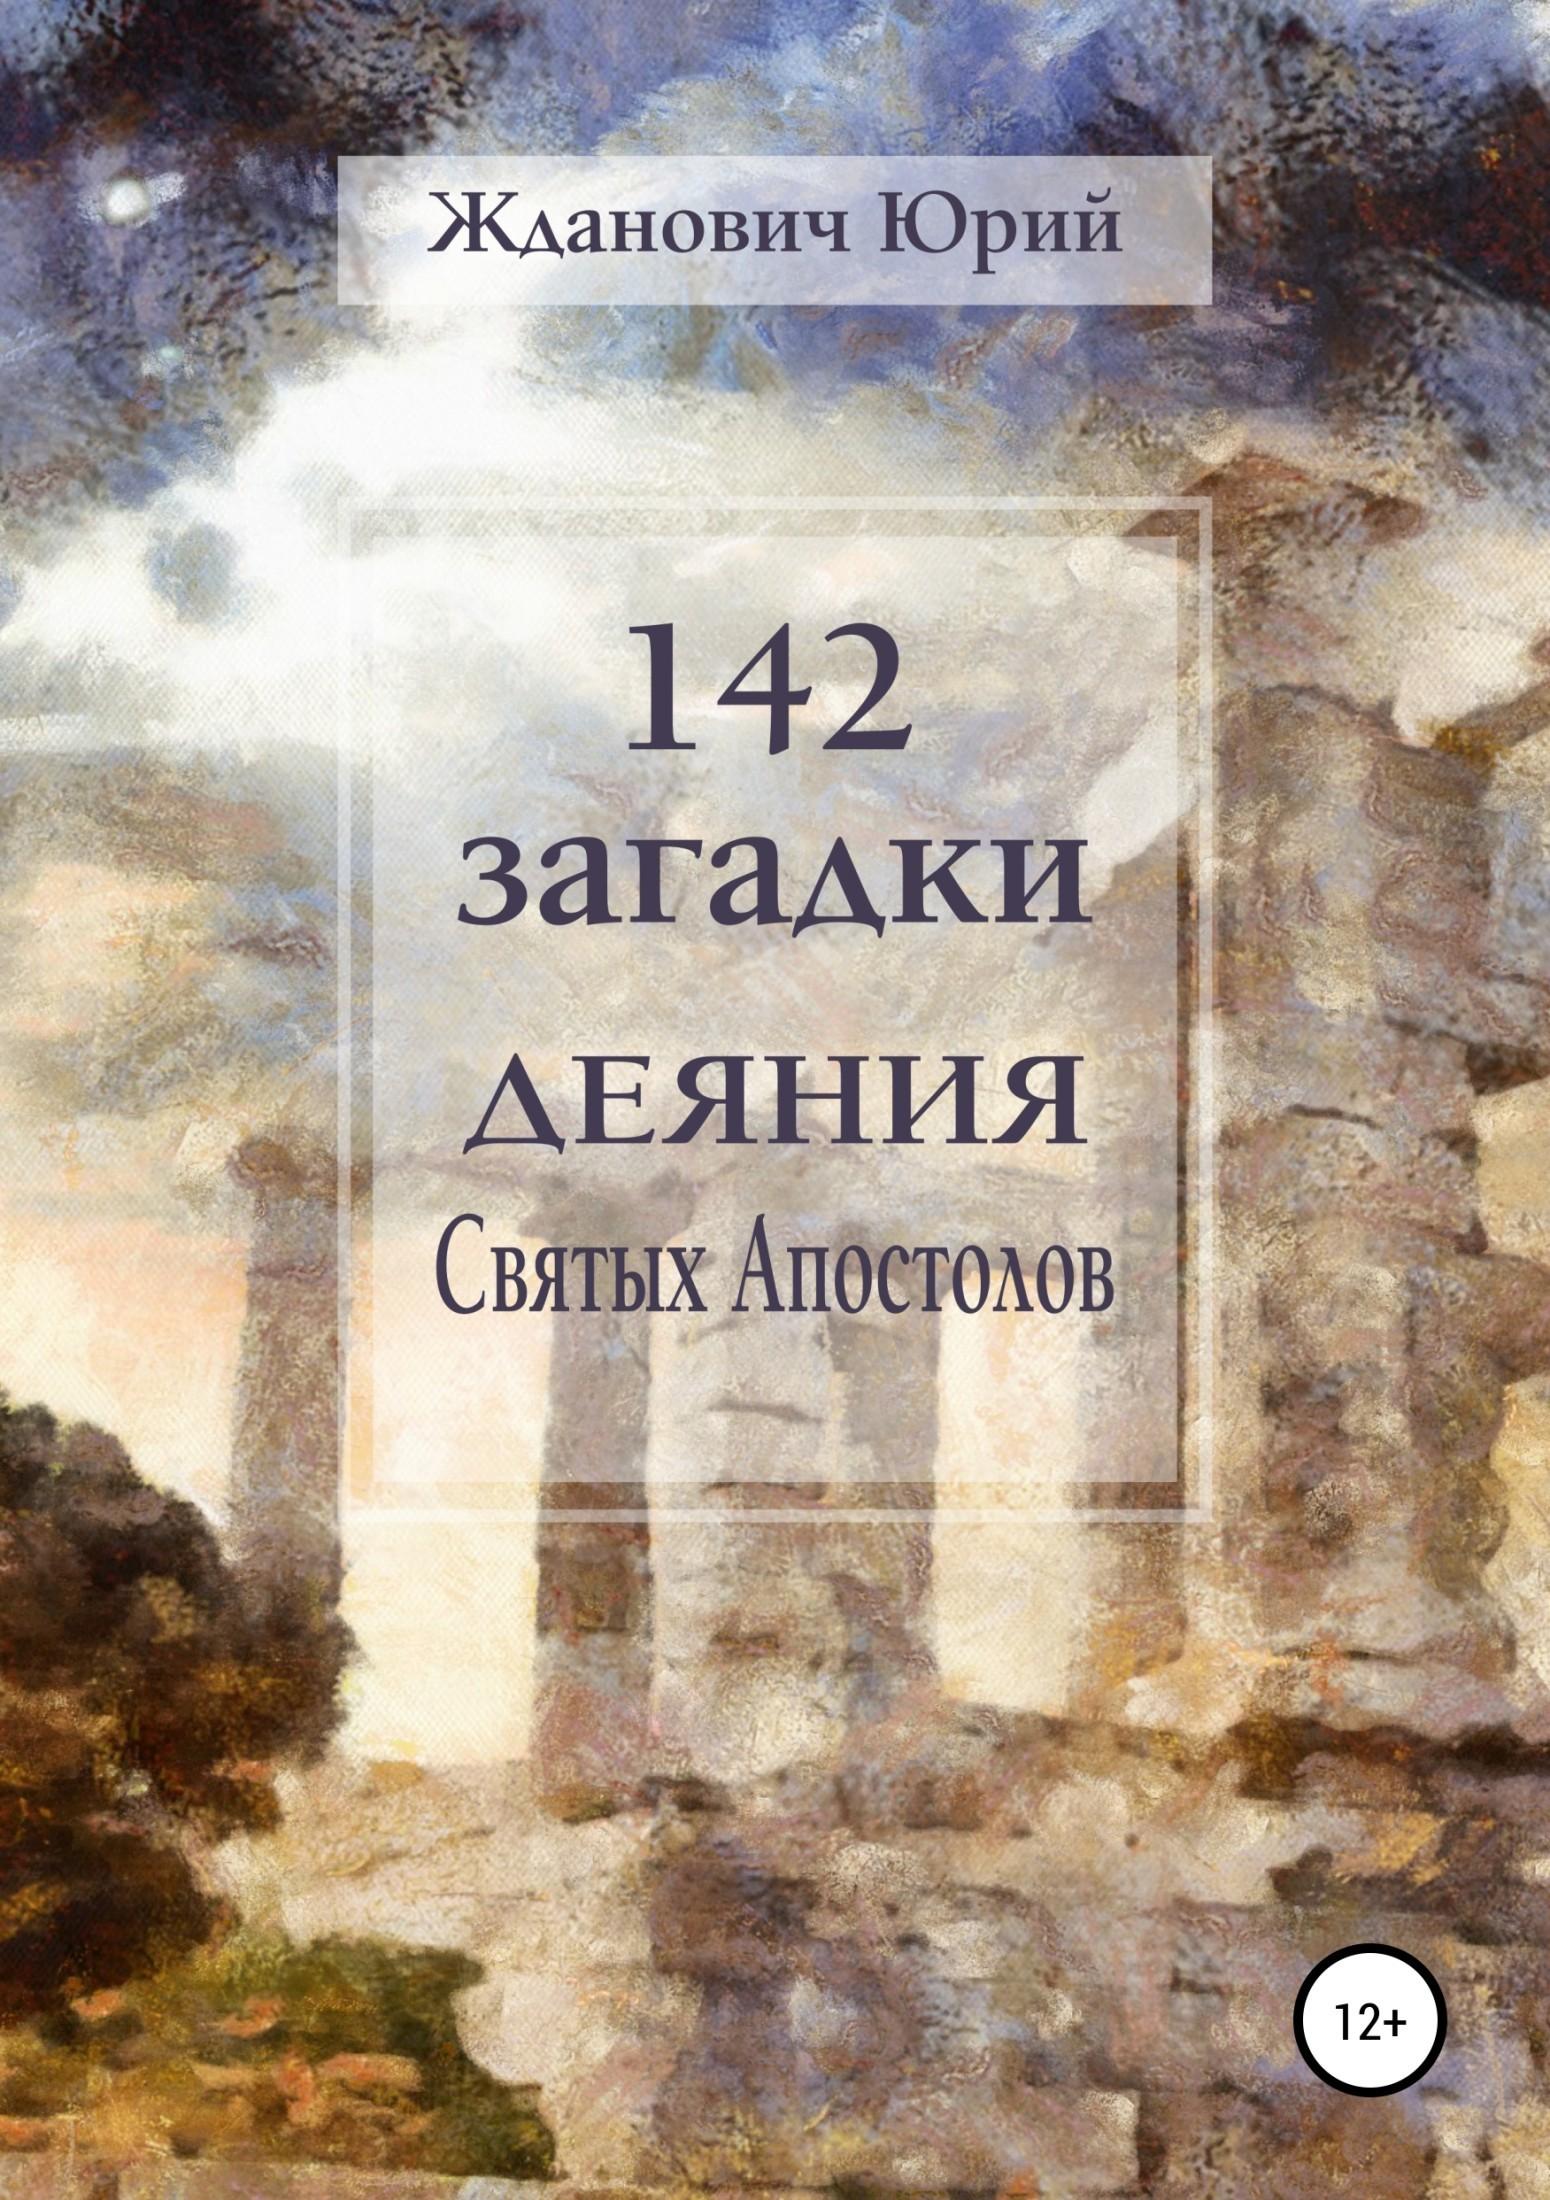 Юрий Жданович, Юлия Глинская - 142 загадки. Деяния Святых Апостолов